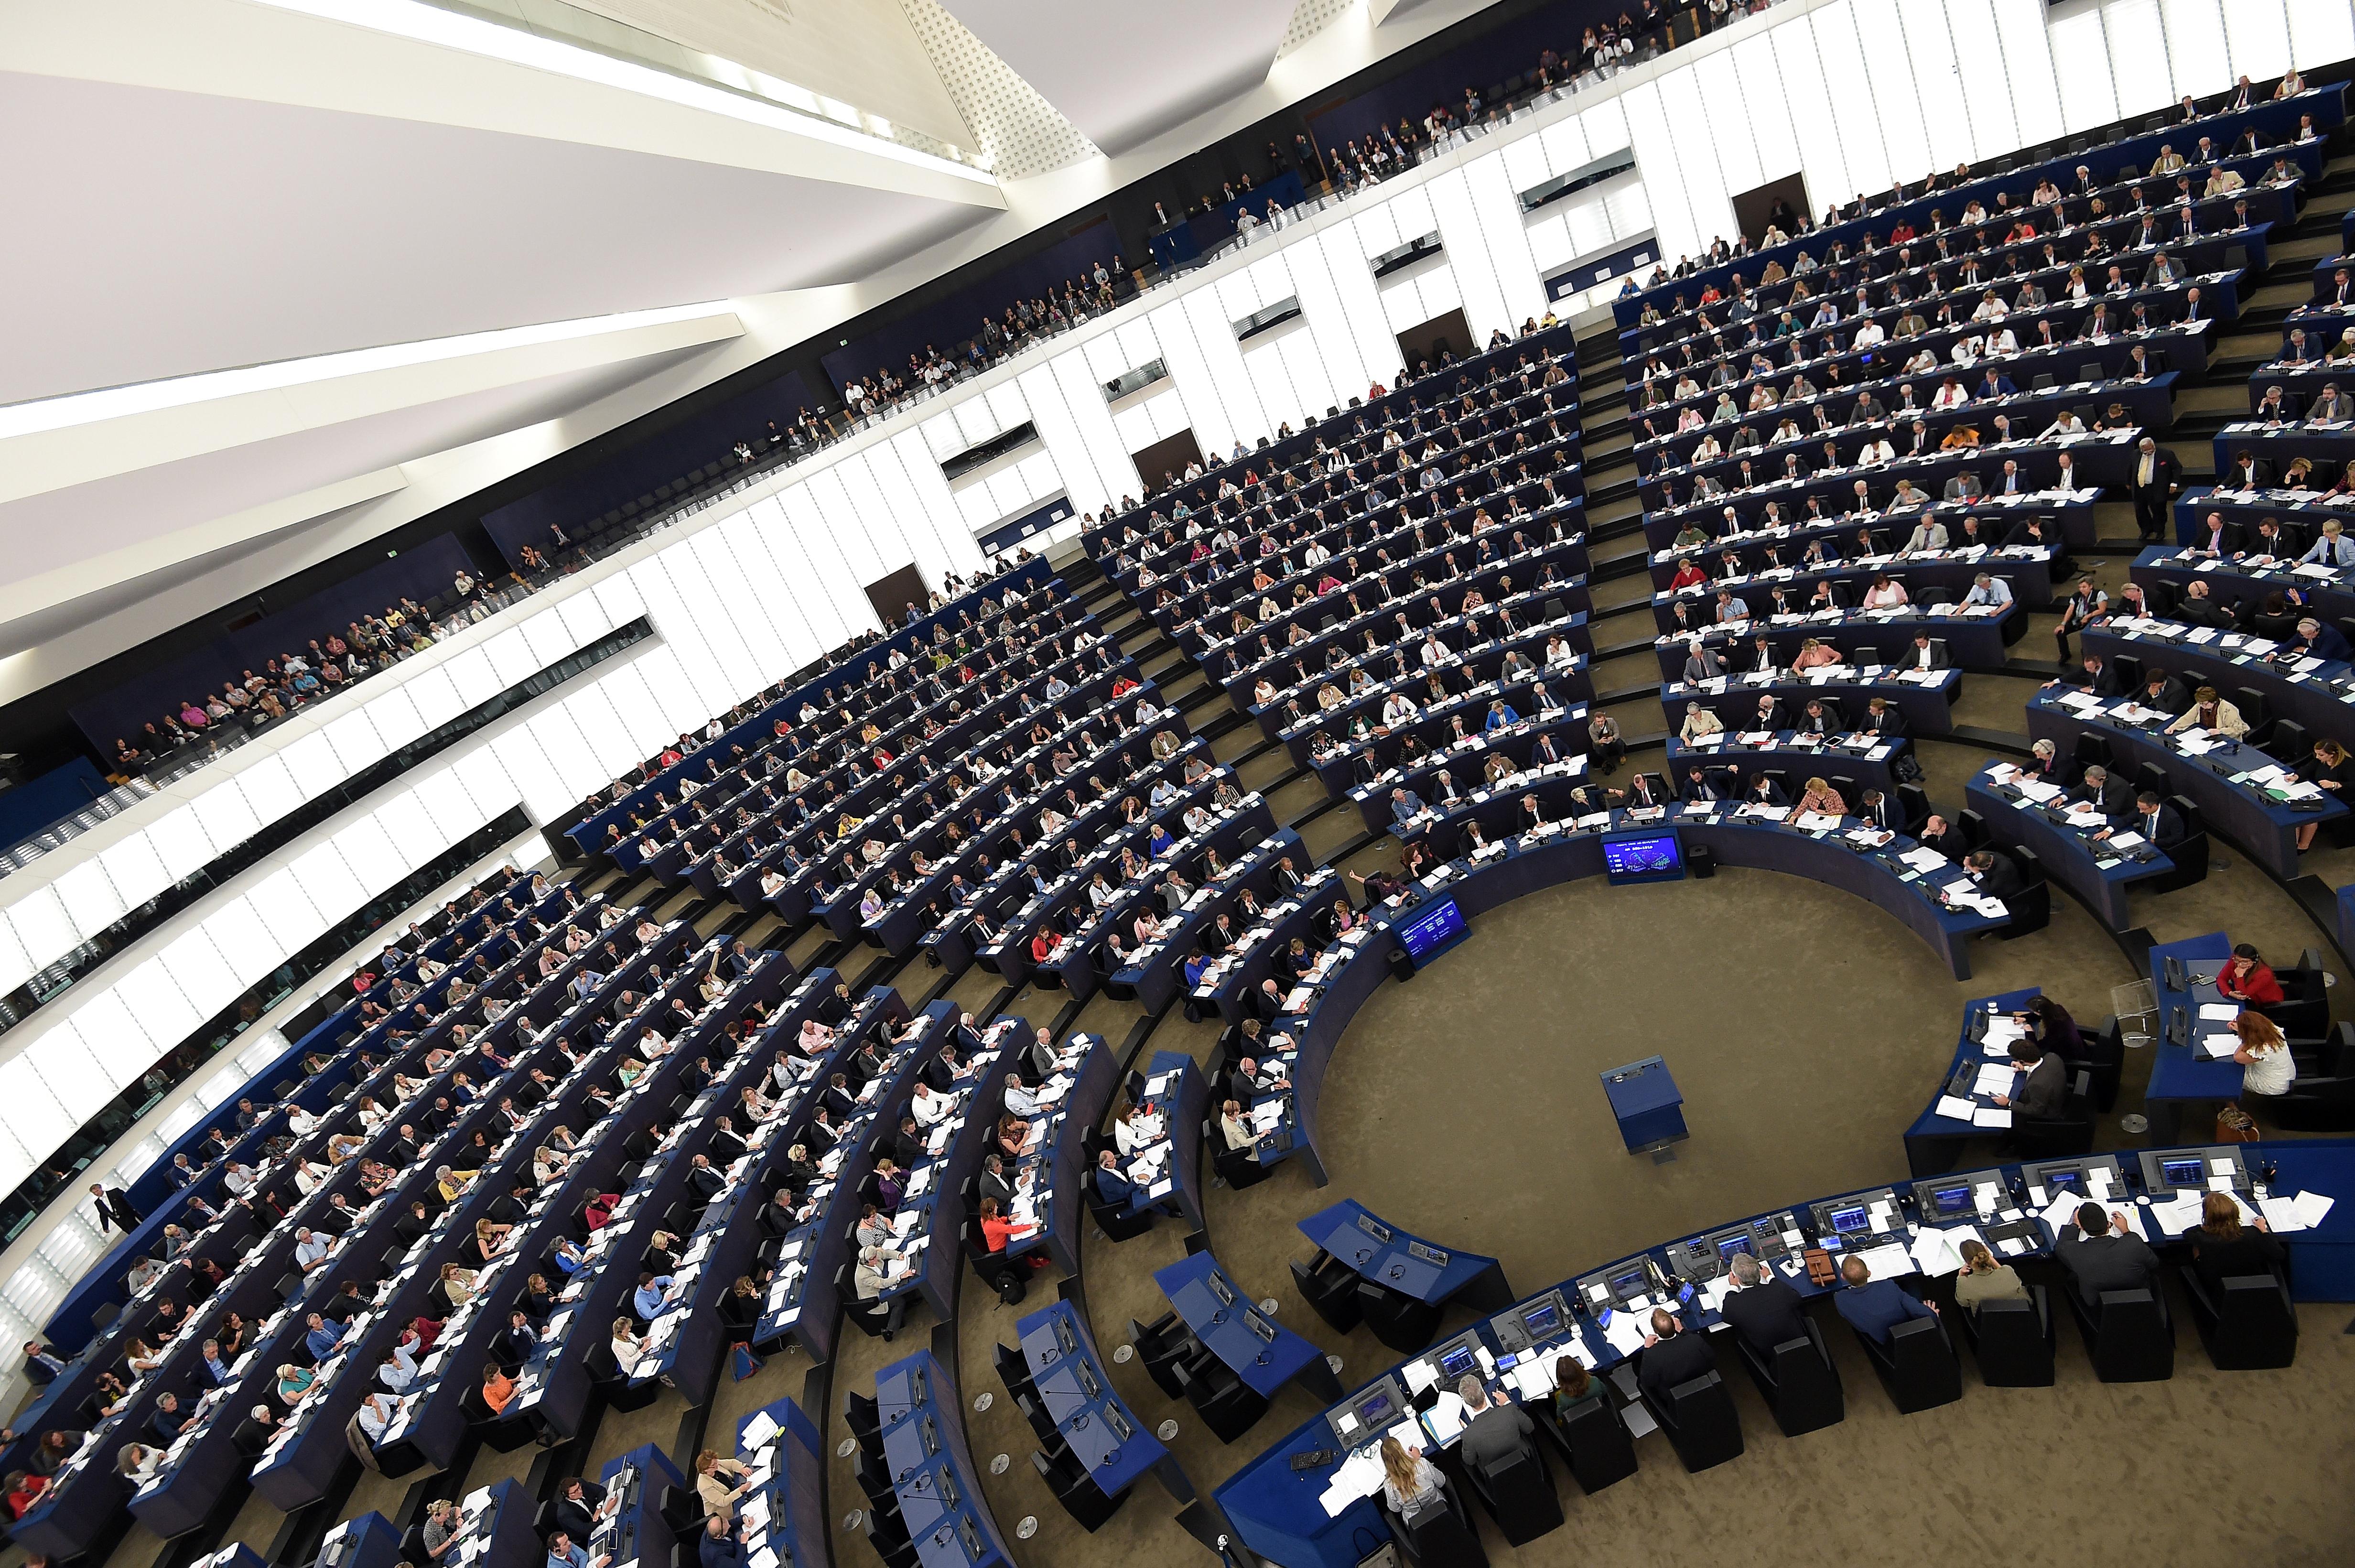 Az EU hatékonyabb védelmet adna az uniós jog megsértését bejelentőknek